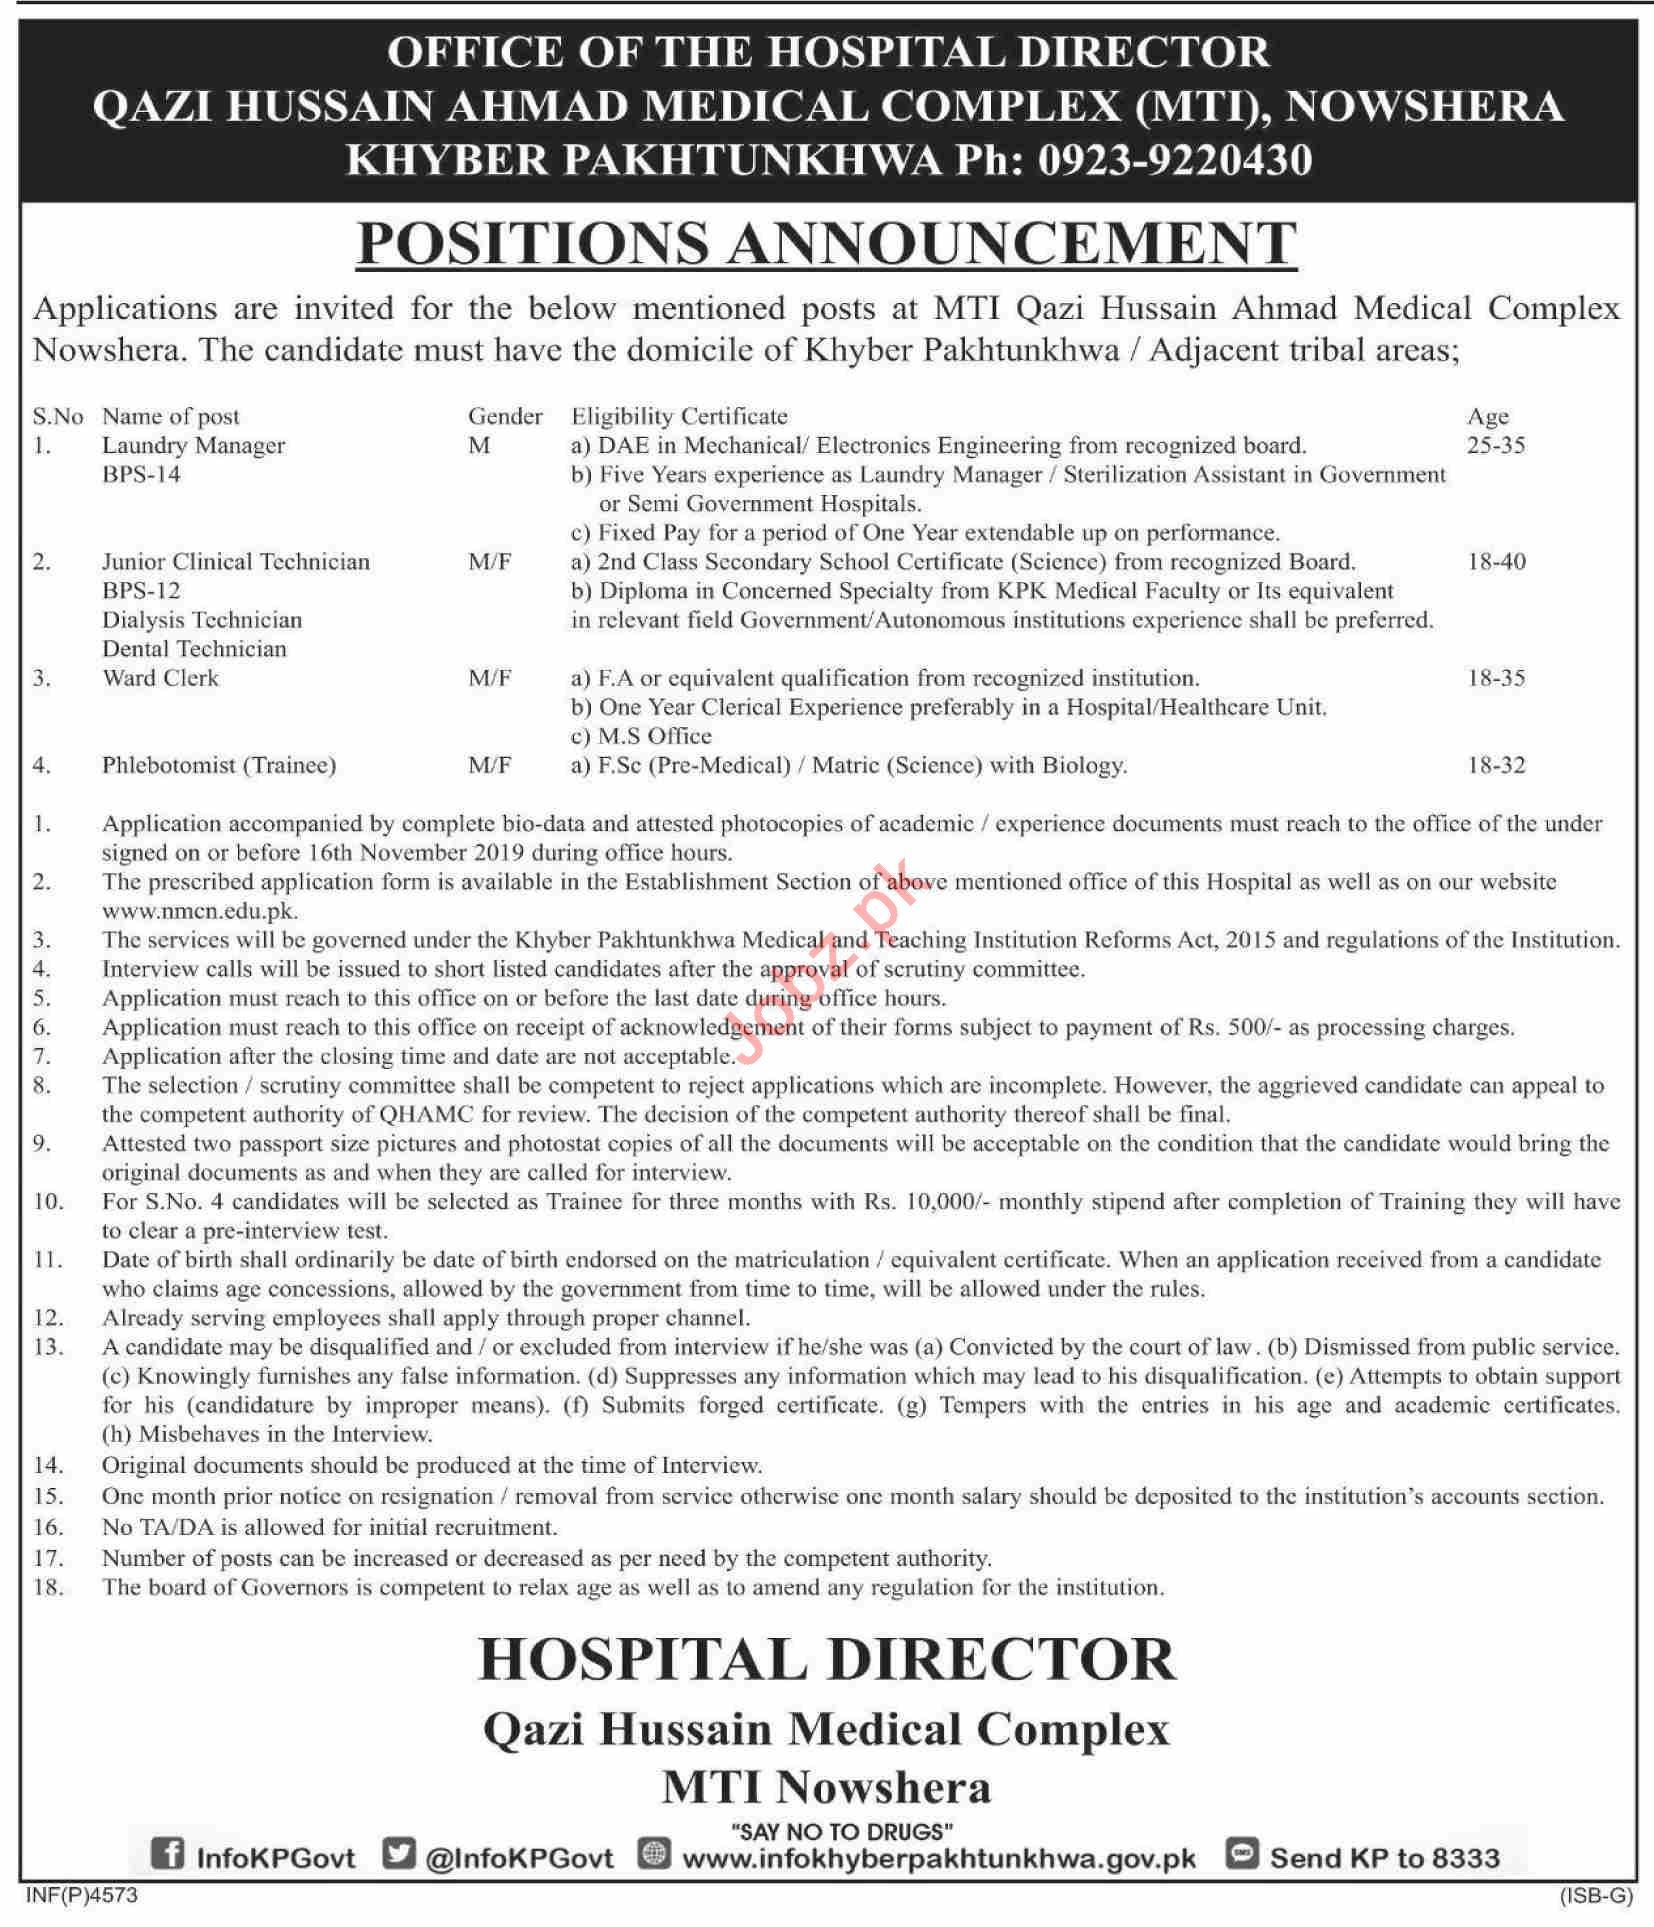 Qazi Hussain Ahmad Medical Complex MTI Nowshera Jobs 2019